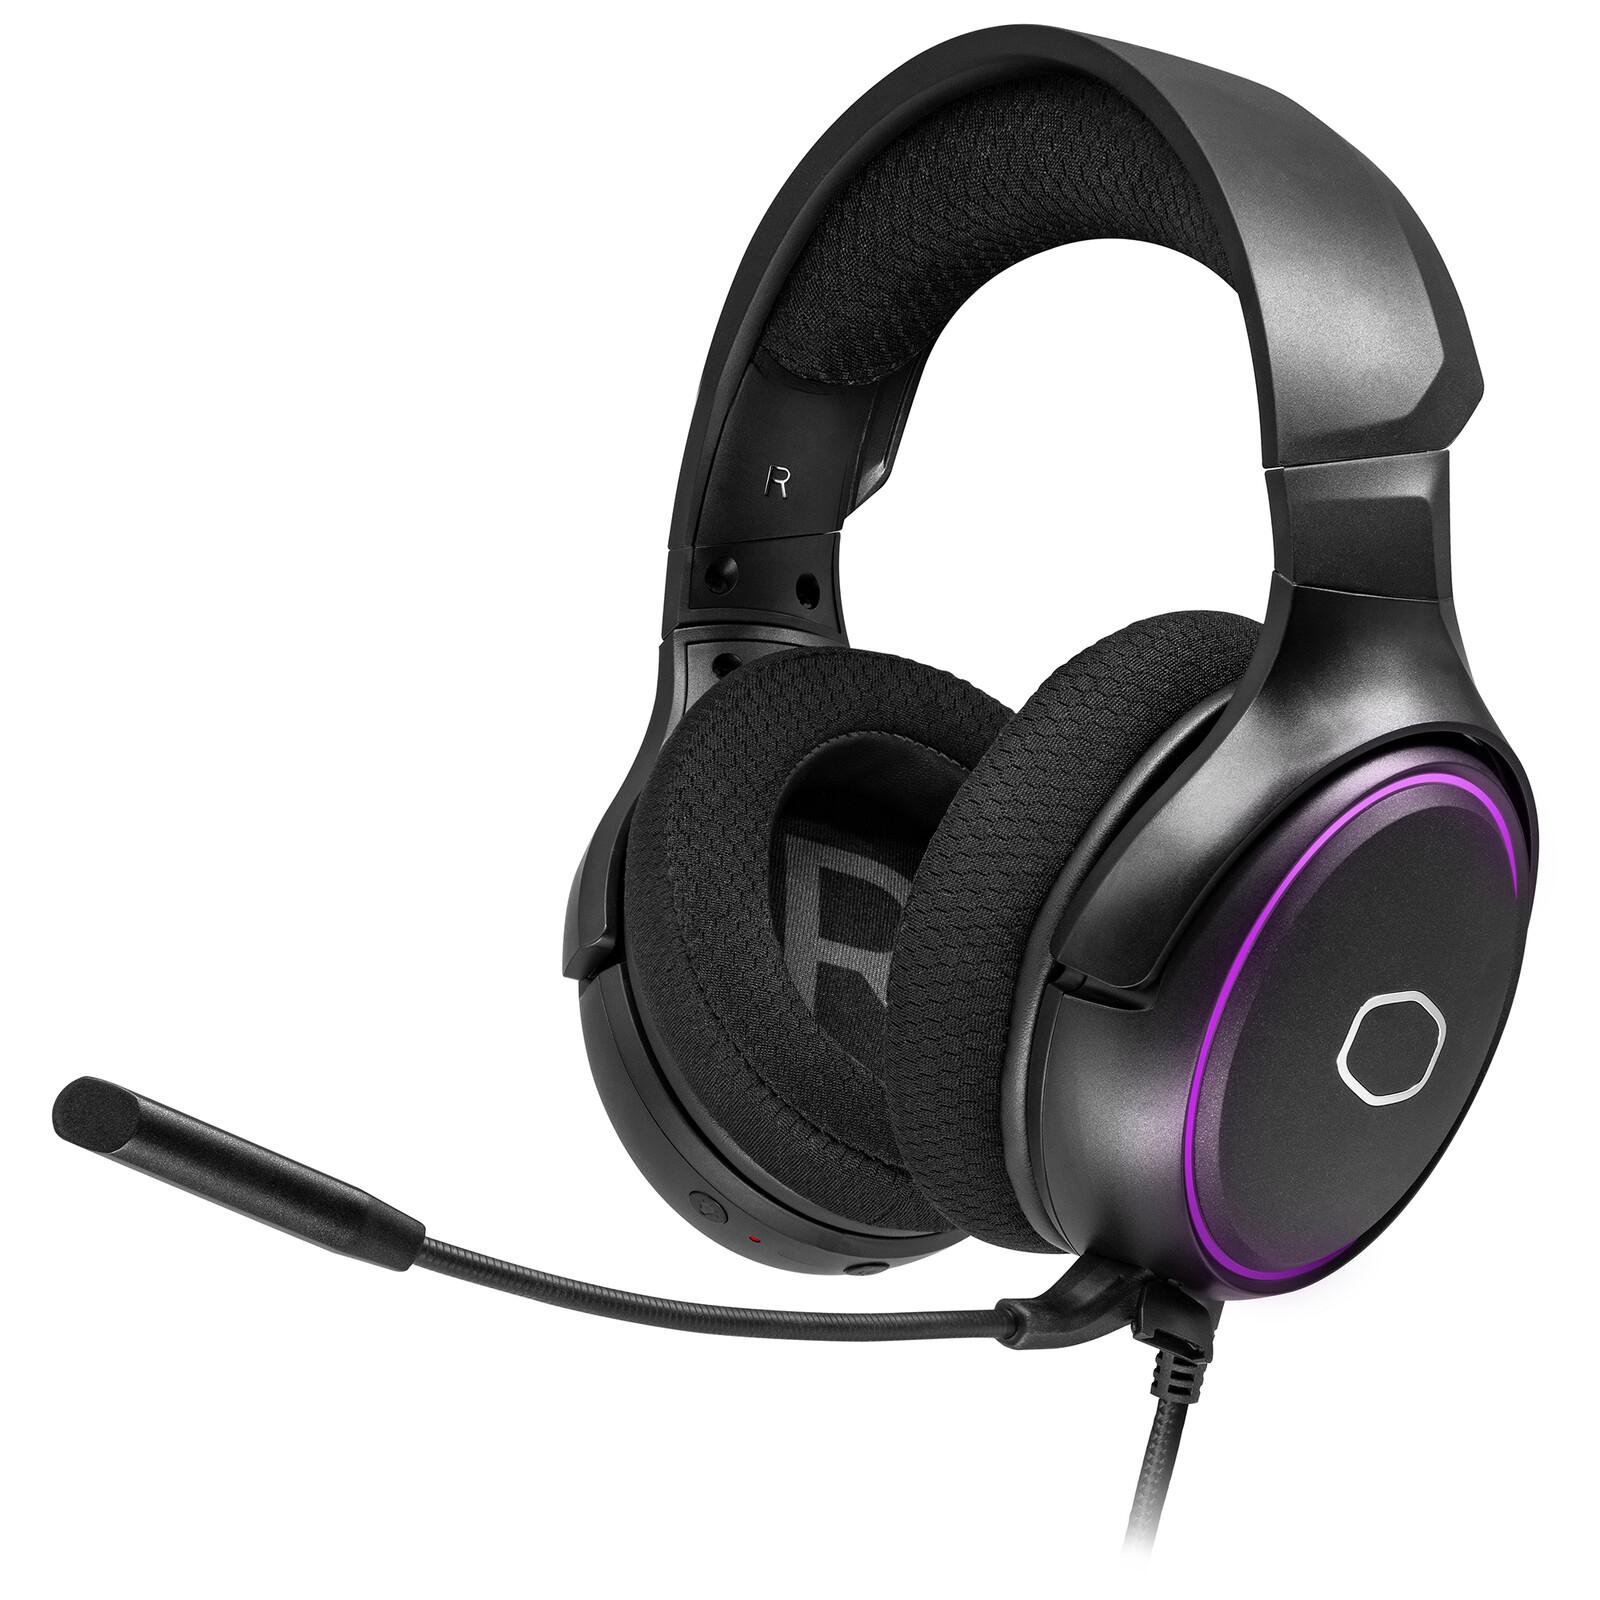 Cooler Master RGB 7.1 USB Gaming Headset